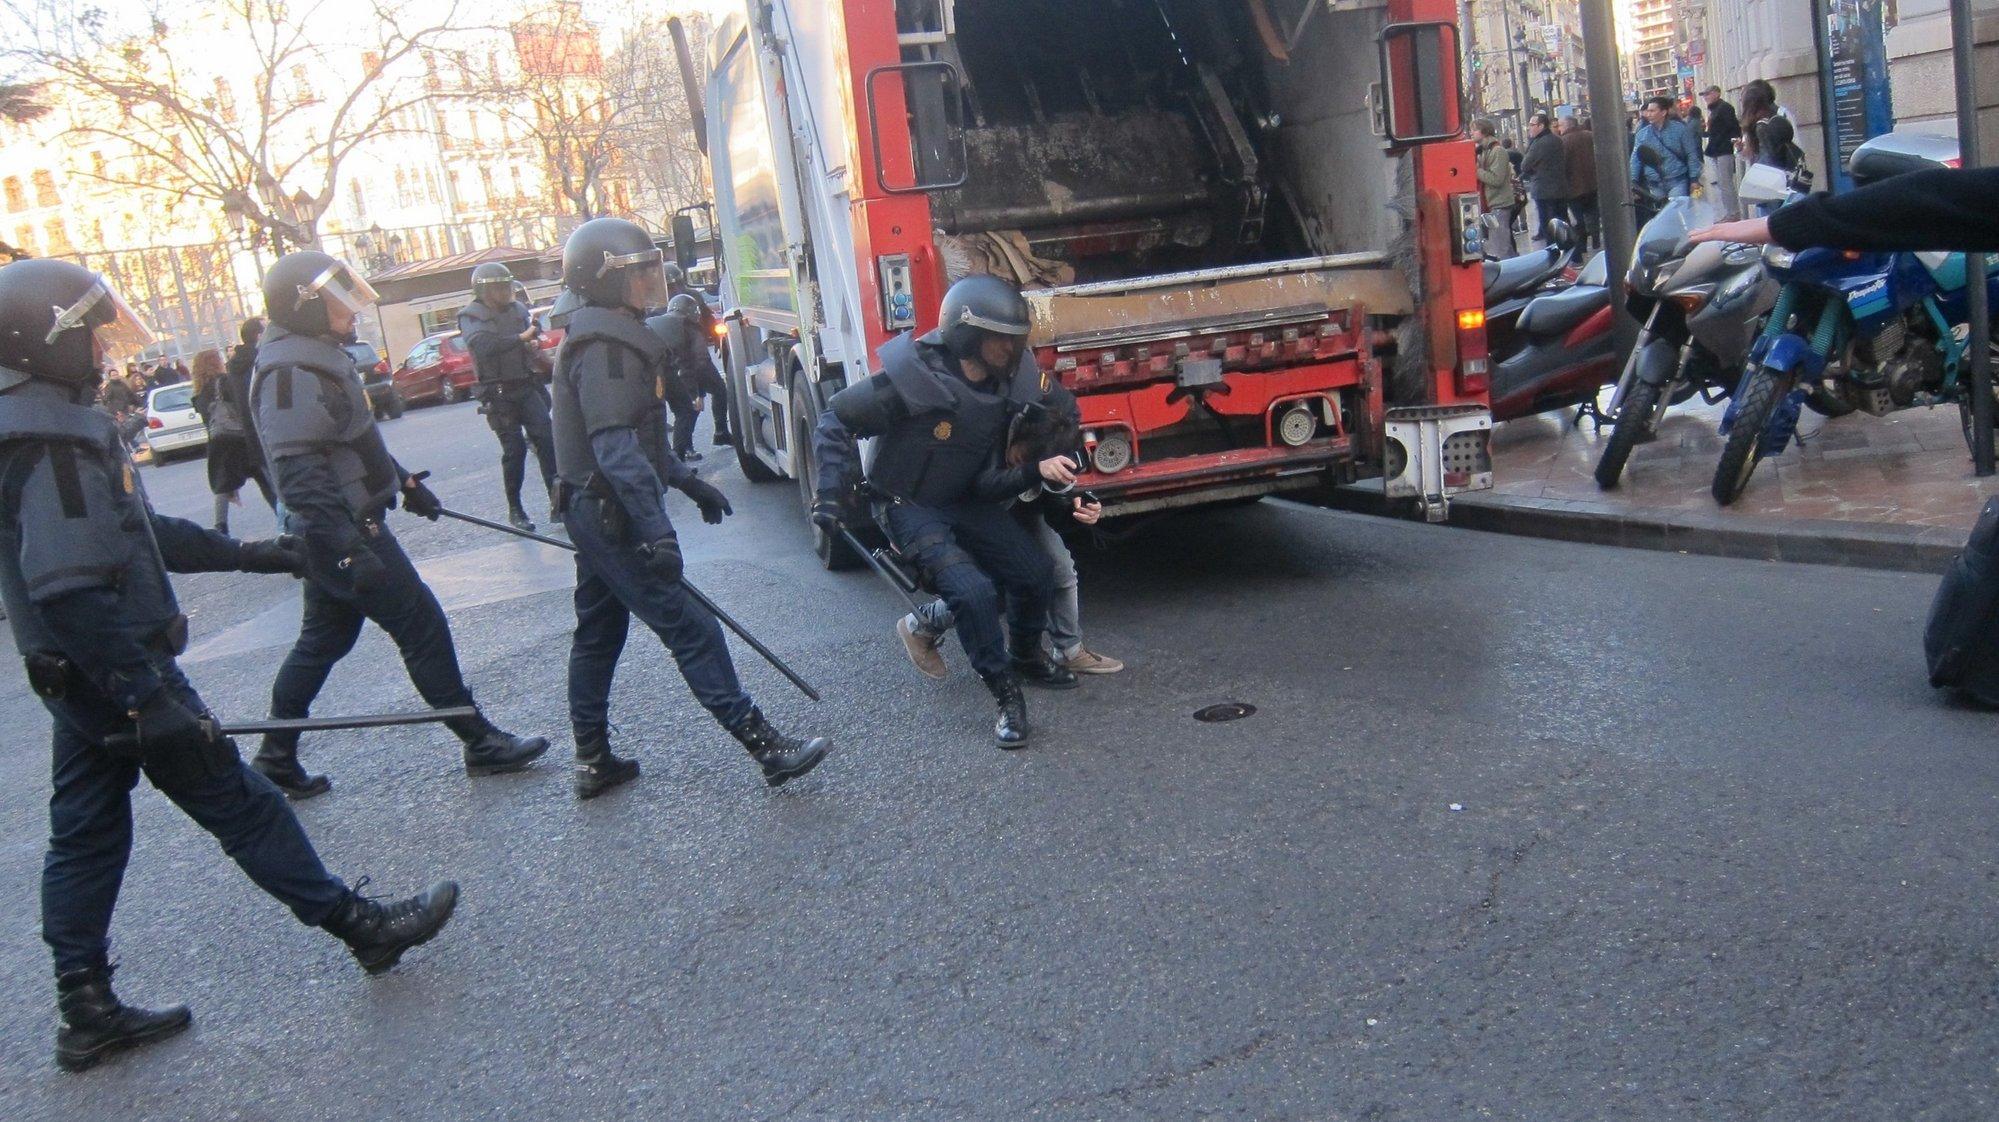 Jefe de Policía ve «proporcionada» la acción policial y dice que los agentes intentan dialogar «hasta la saciedad»